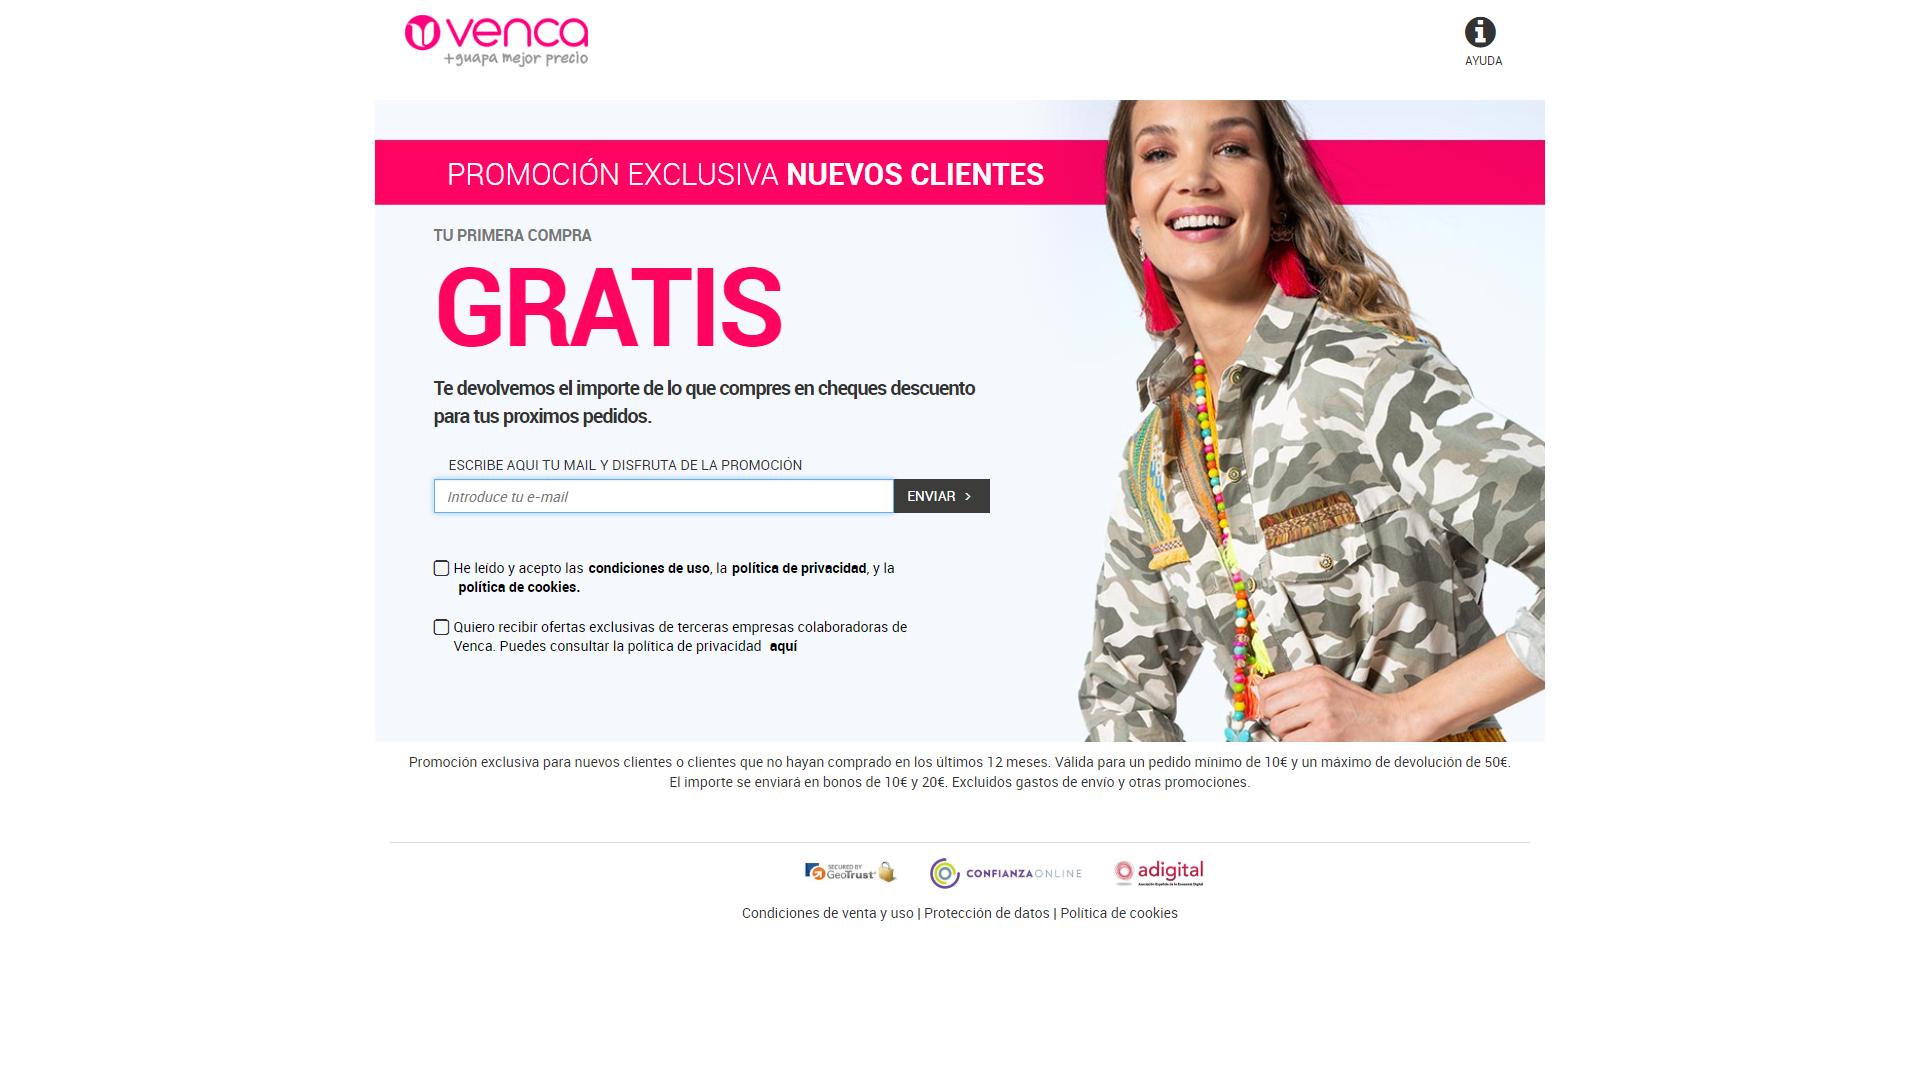 Primera compra gratis en Venca (devolución bonos Venca)